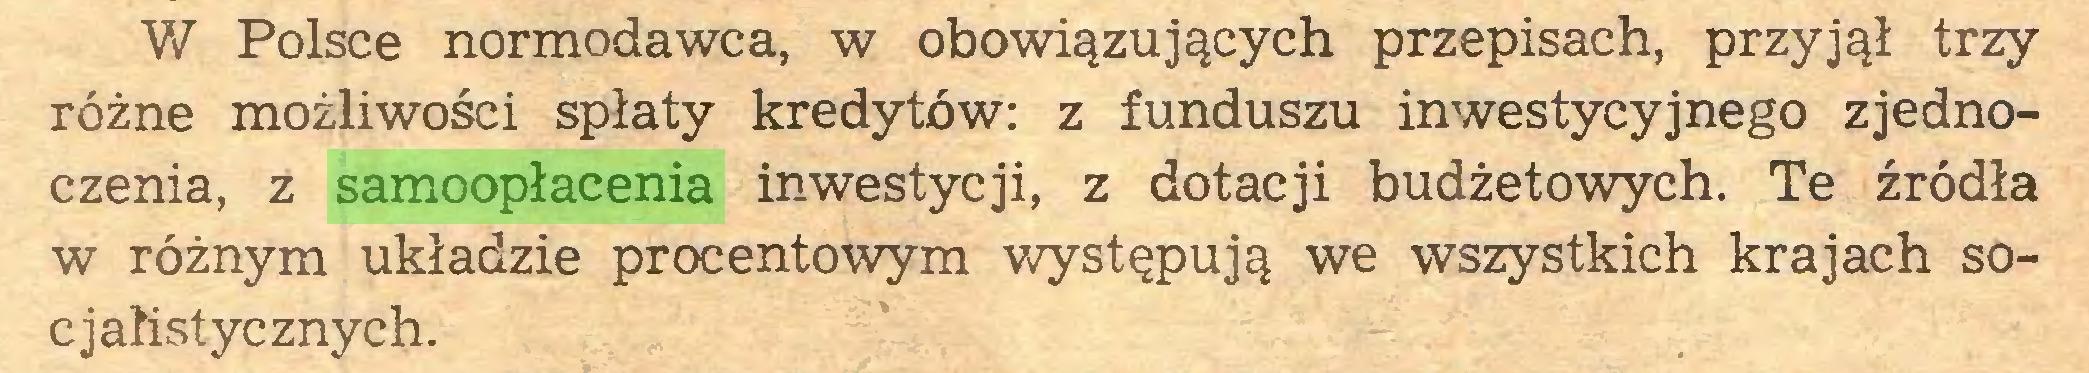 (...) W Polsce normodawca, w obowiązujących przepisach, przyjął trzy różne możliwości spłaty kredytów: z funduszu inwestycyjnego zjednoczenia, z samoopłacenia inwestycji, z dotacji budżetowych. Te źródła w różnym układzie procentowym występują we wszystkich krajach socjalistycznych...